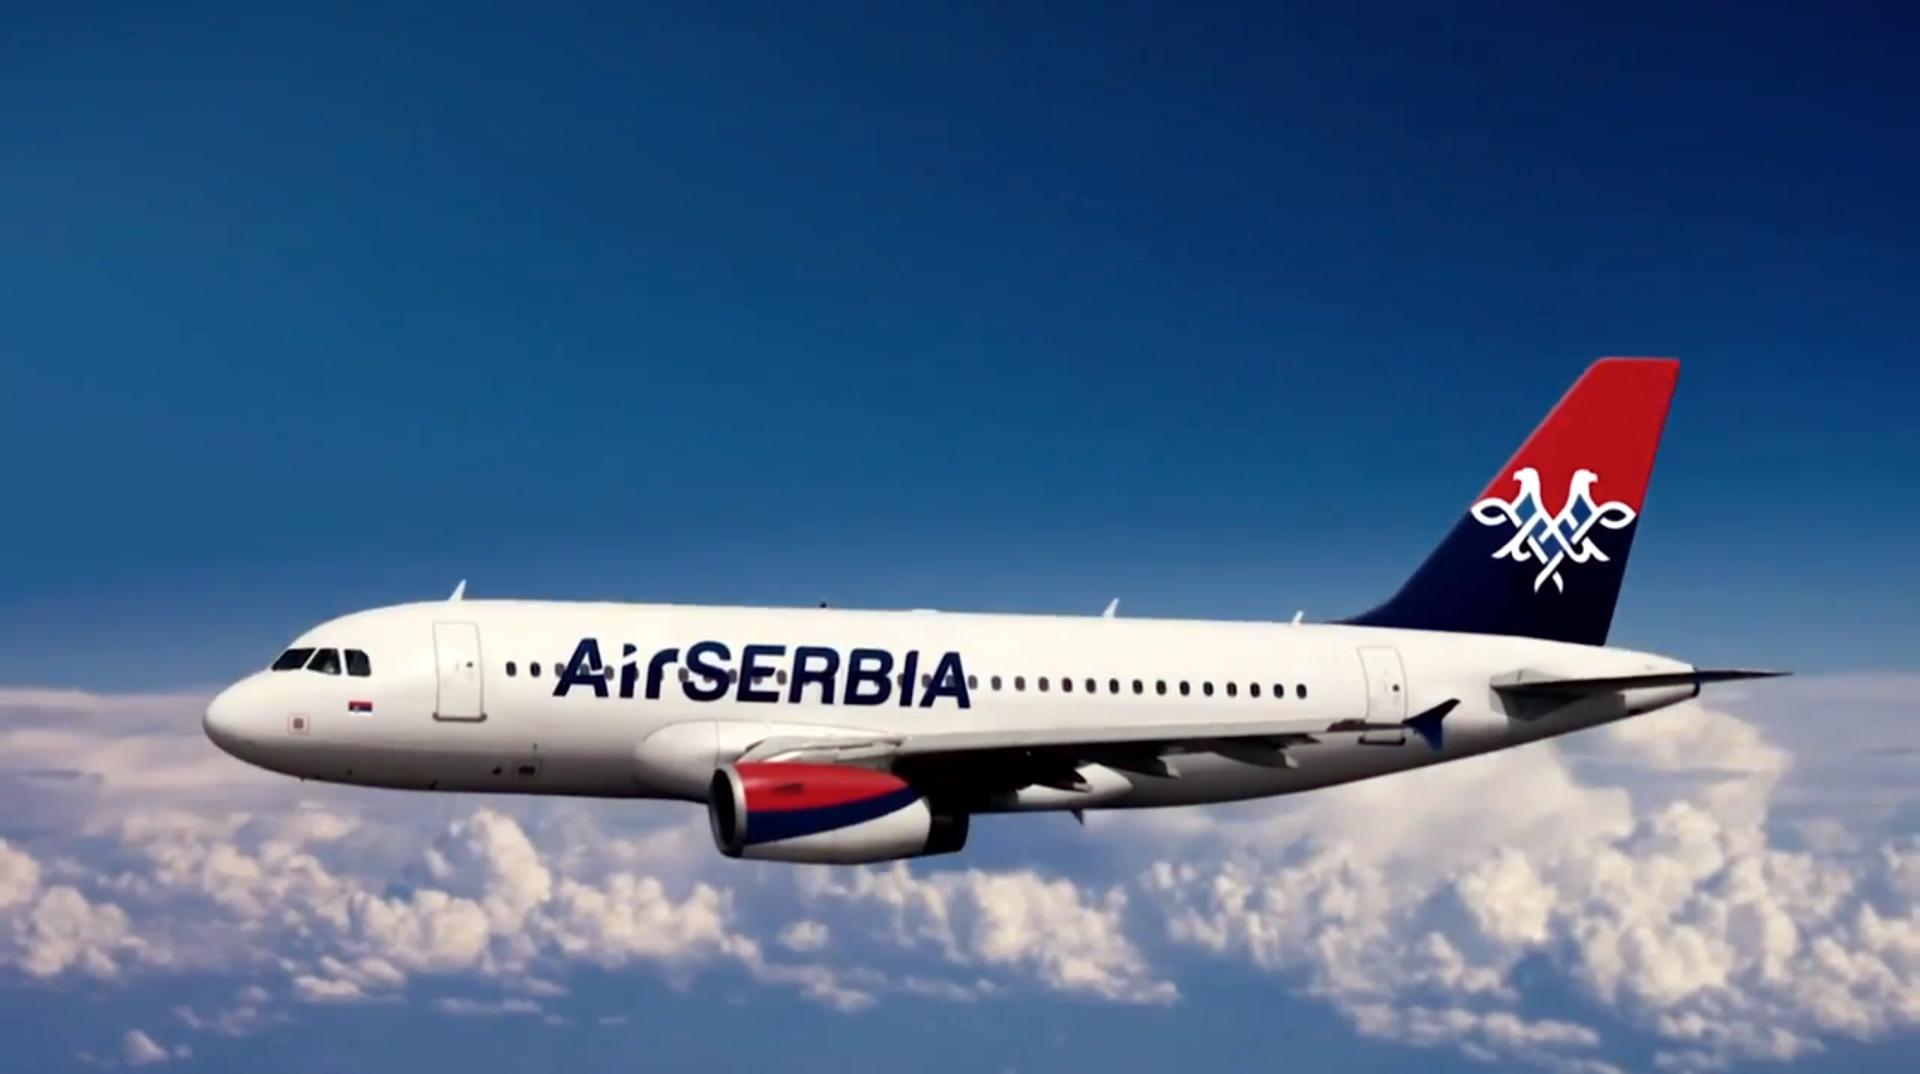 Mali confirms layoffs in Air Serbia